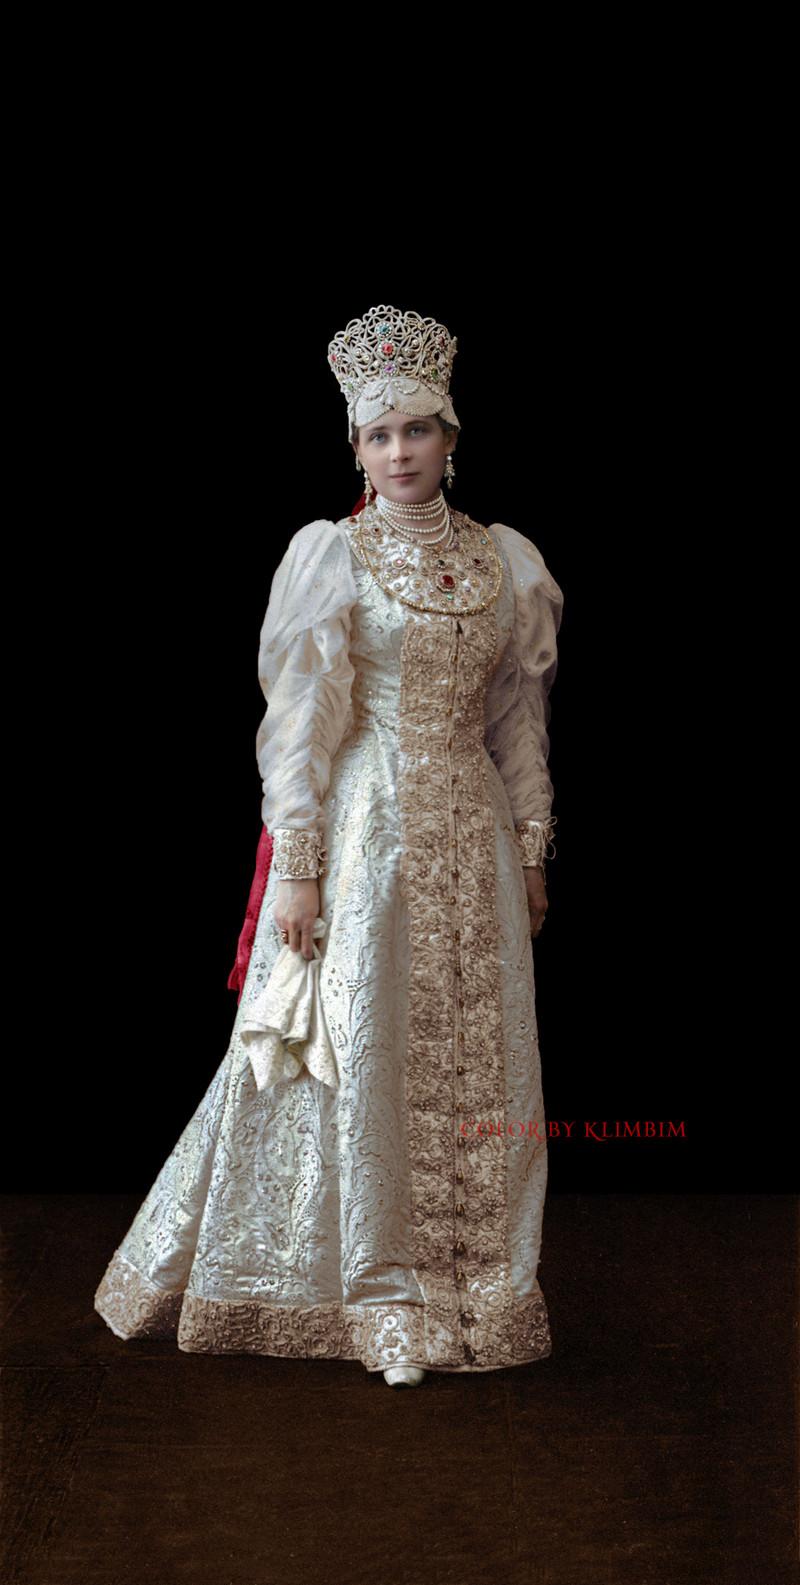 Великолепие костюмированного бала Романовых в раскрашенных фотографиях 1903 года 2